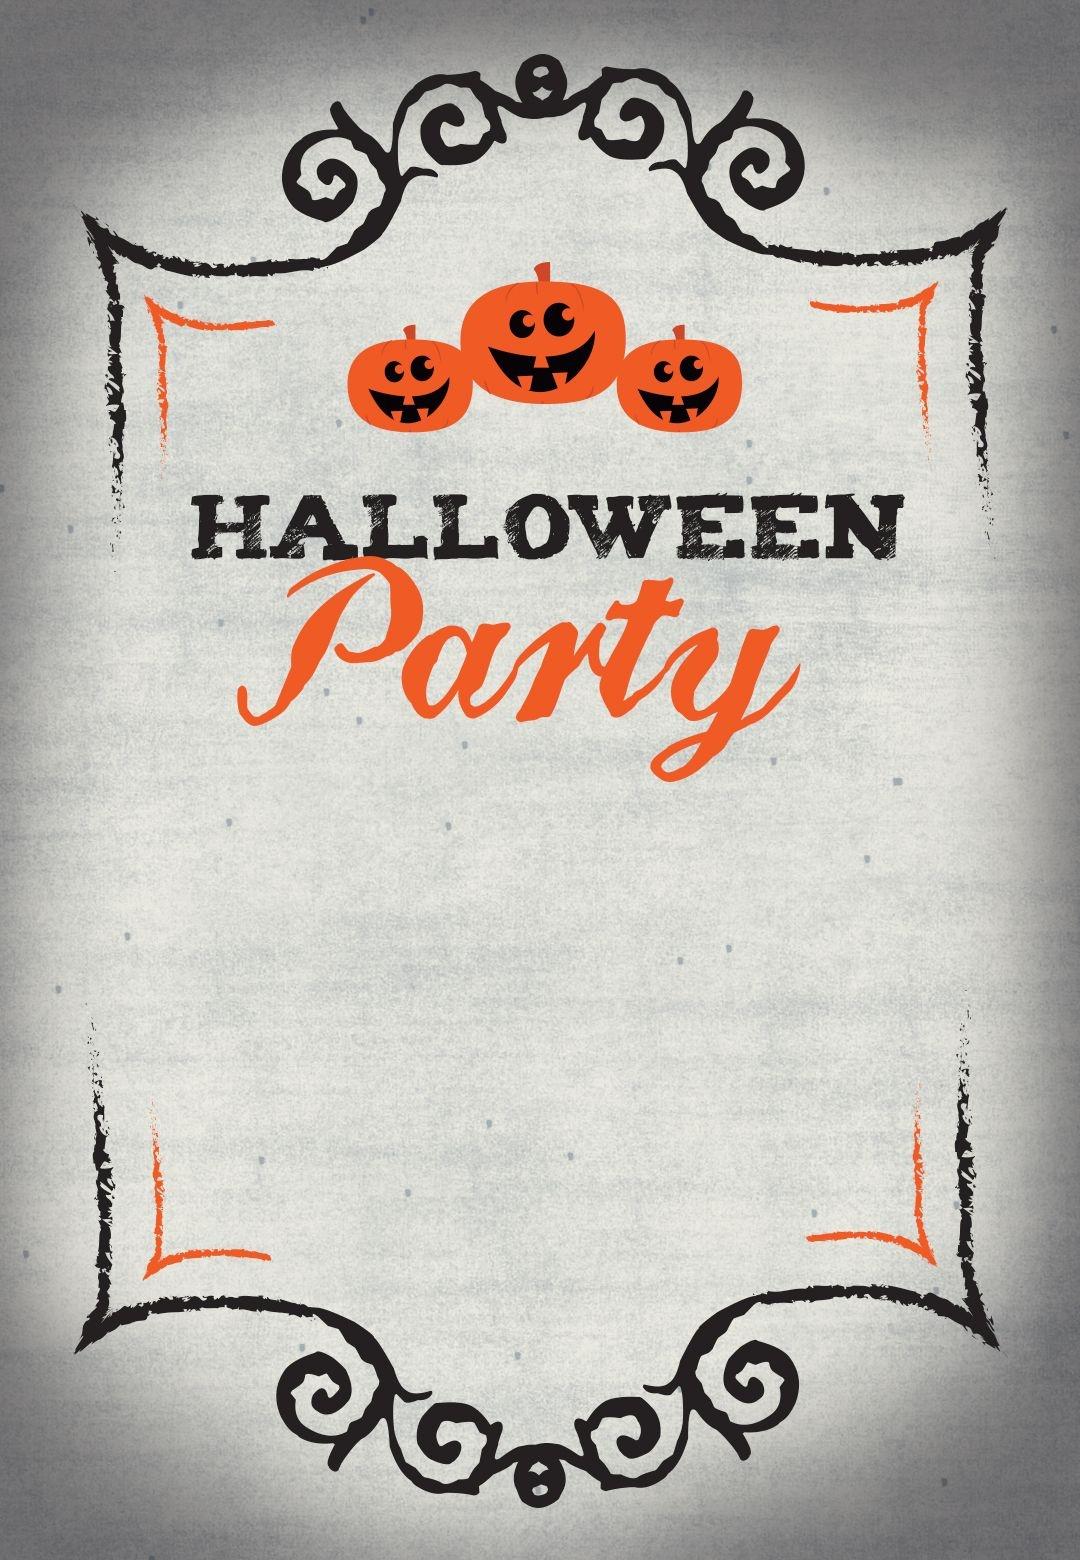 005 Free Halloween Invitation Template Marvelous Ideas Templates - Free Printable Halloween Wedding Invitations